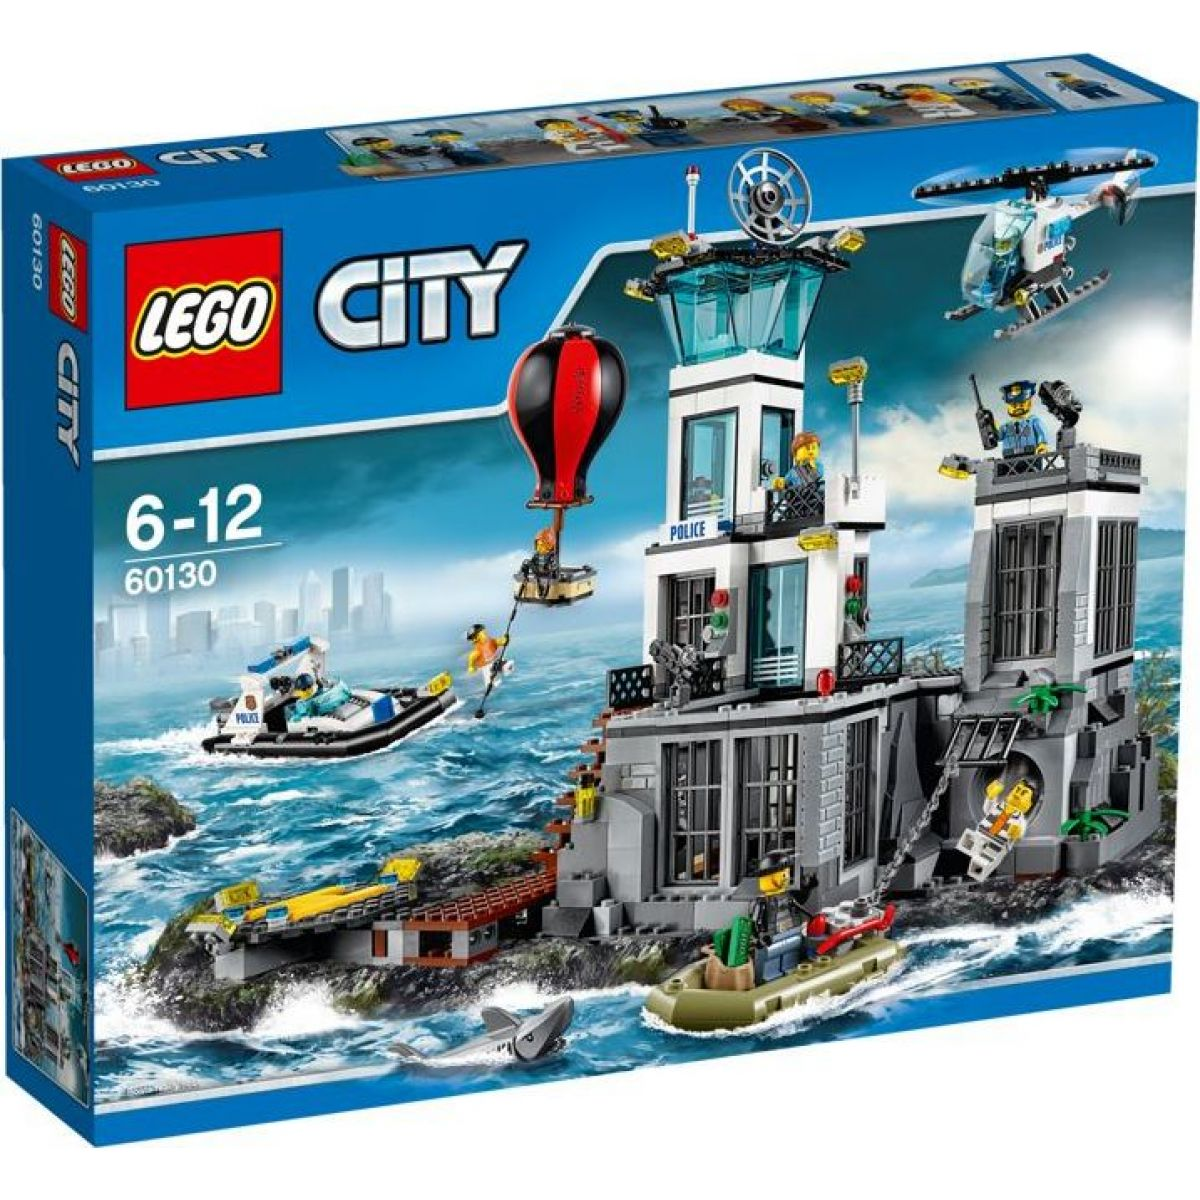 LEGO City 60130 Vězení na ostrově - Poškozený obal